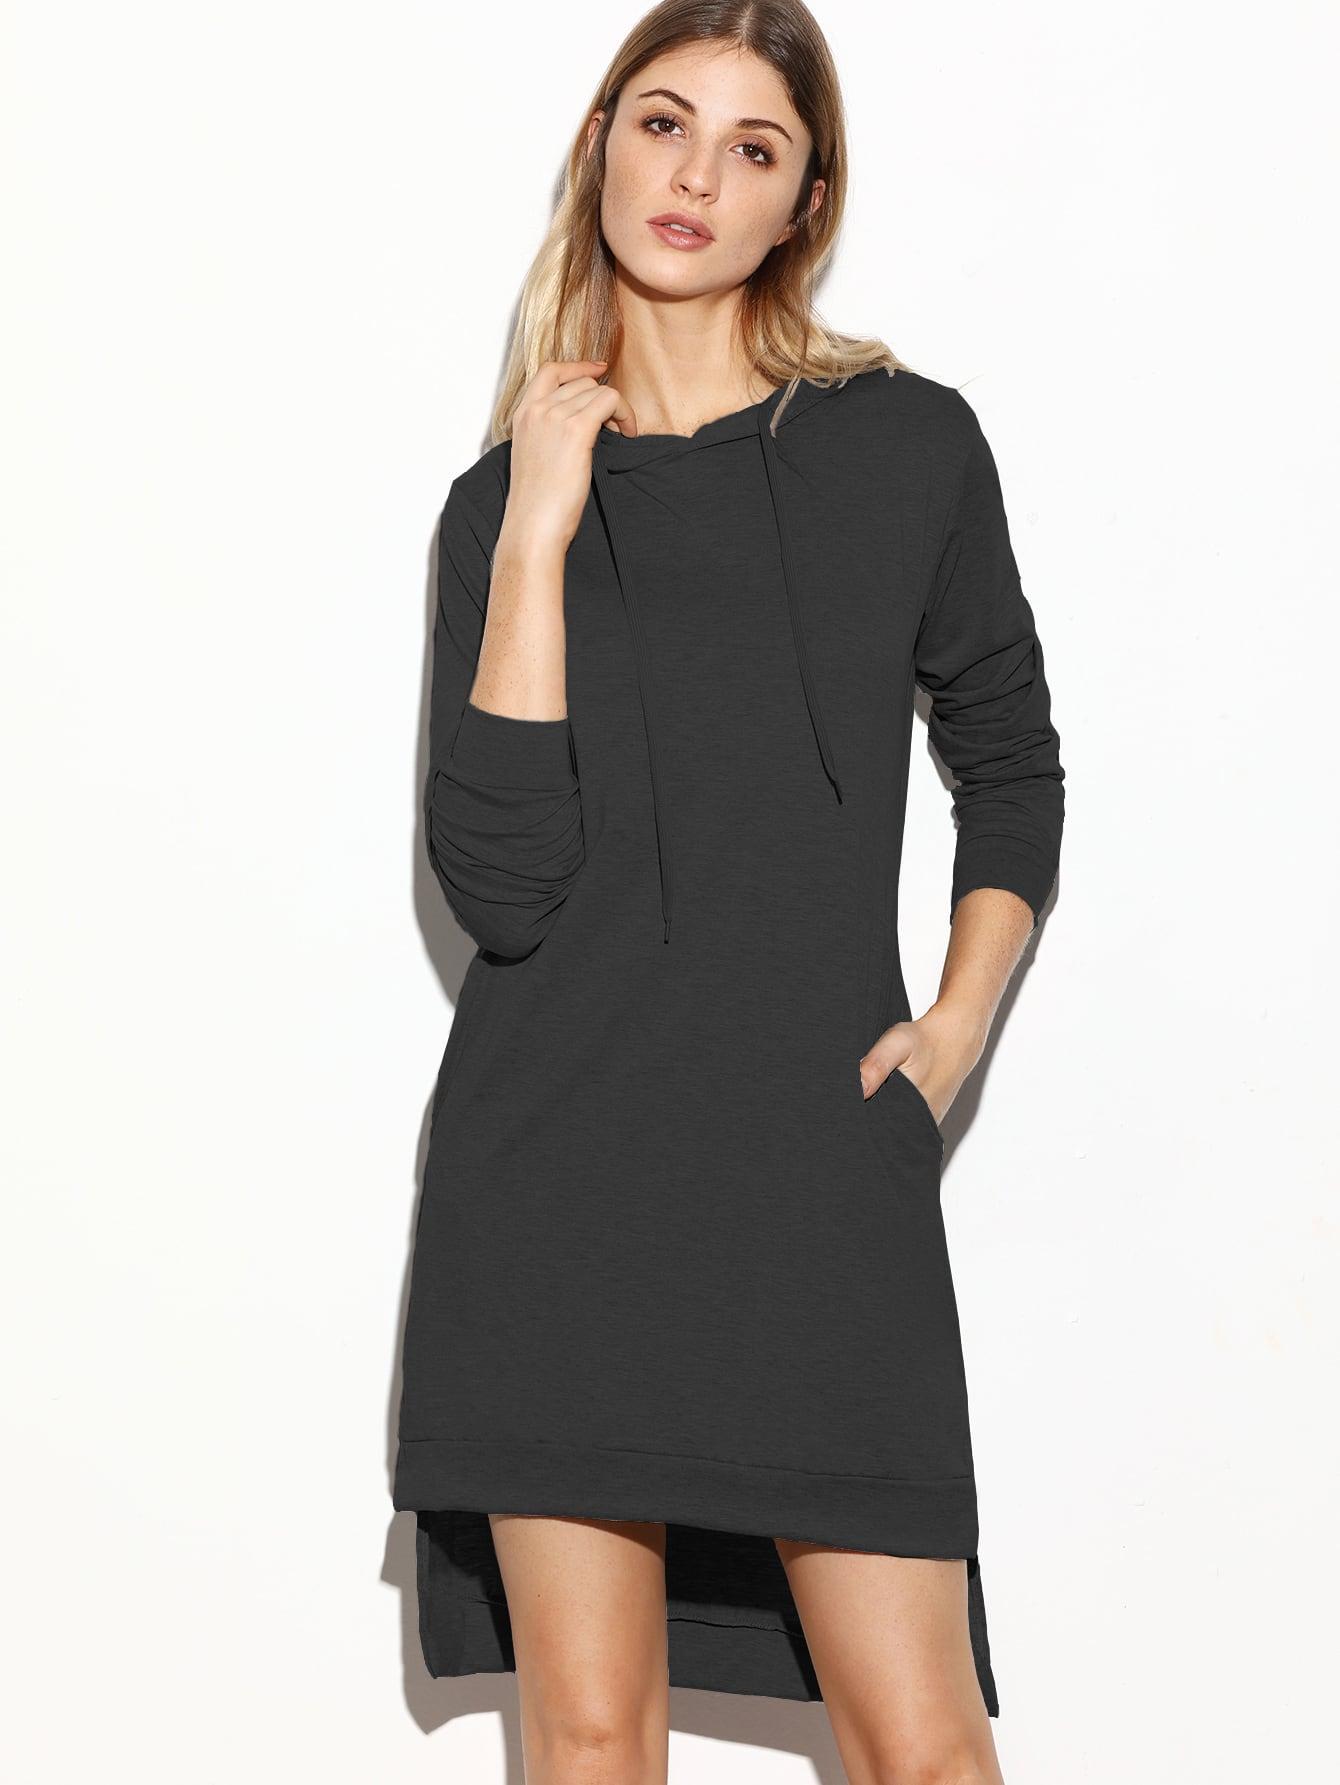 Sweatshirt Kleid mit Kapuzen Schlitz Seitlich Vorne Kurz Hinten Lang-schwarz